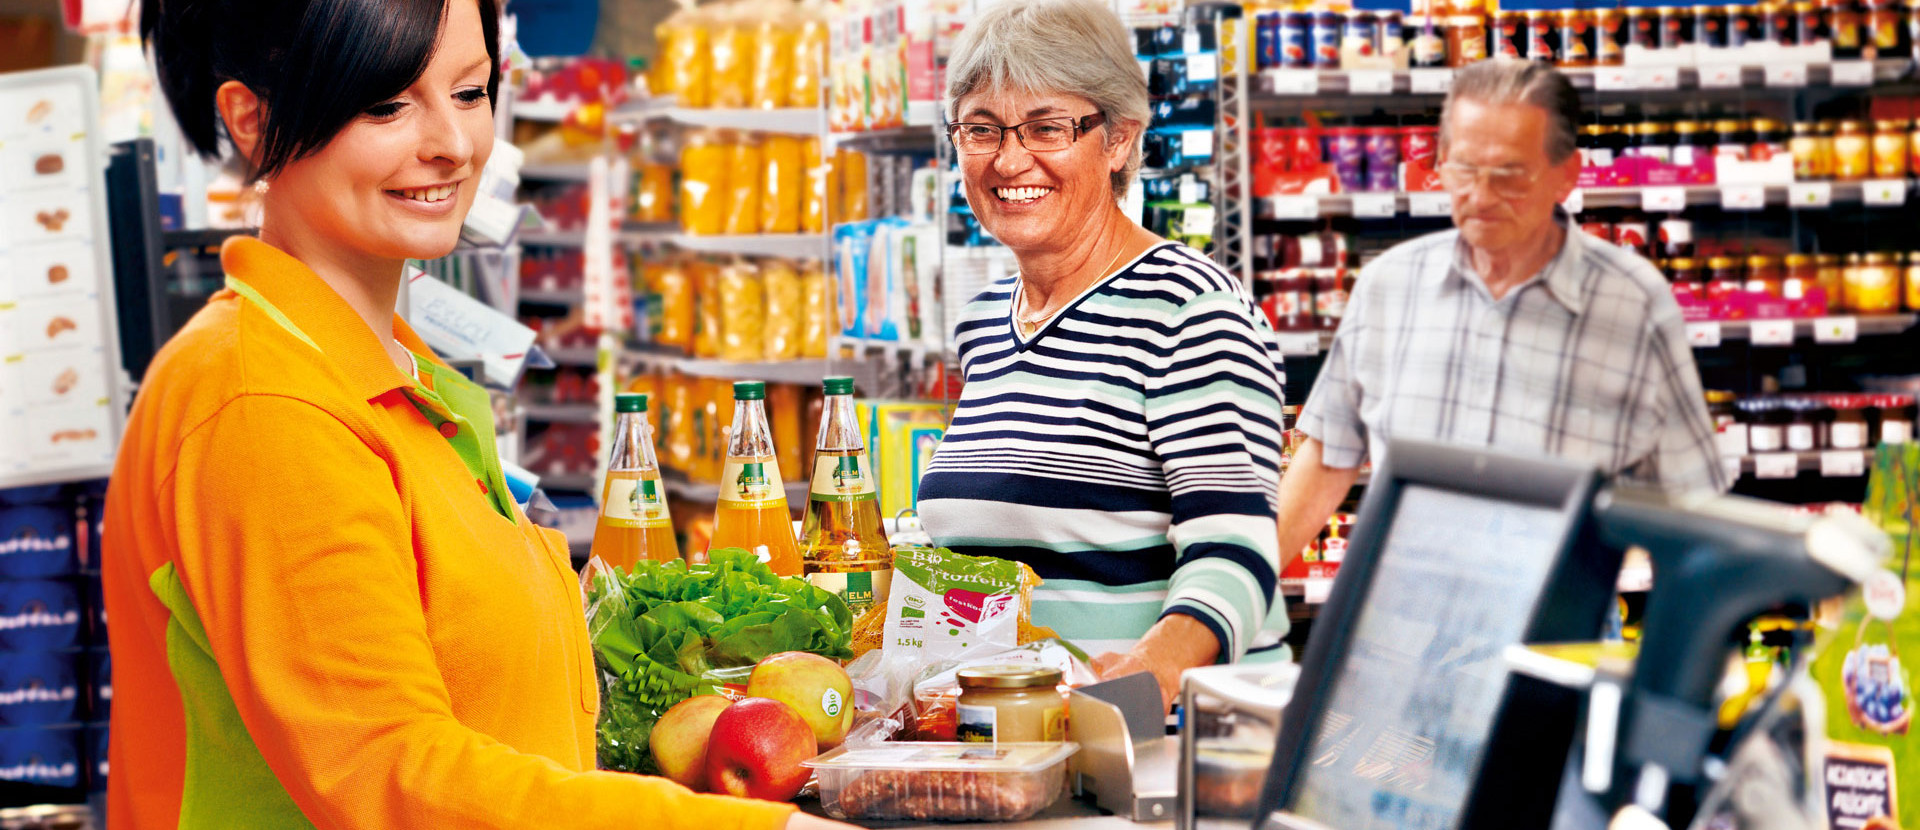 Mitarbeiterin an Kasse mit Kunden